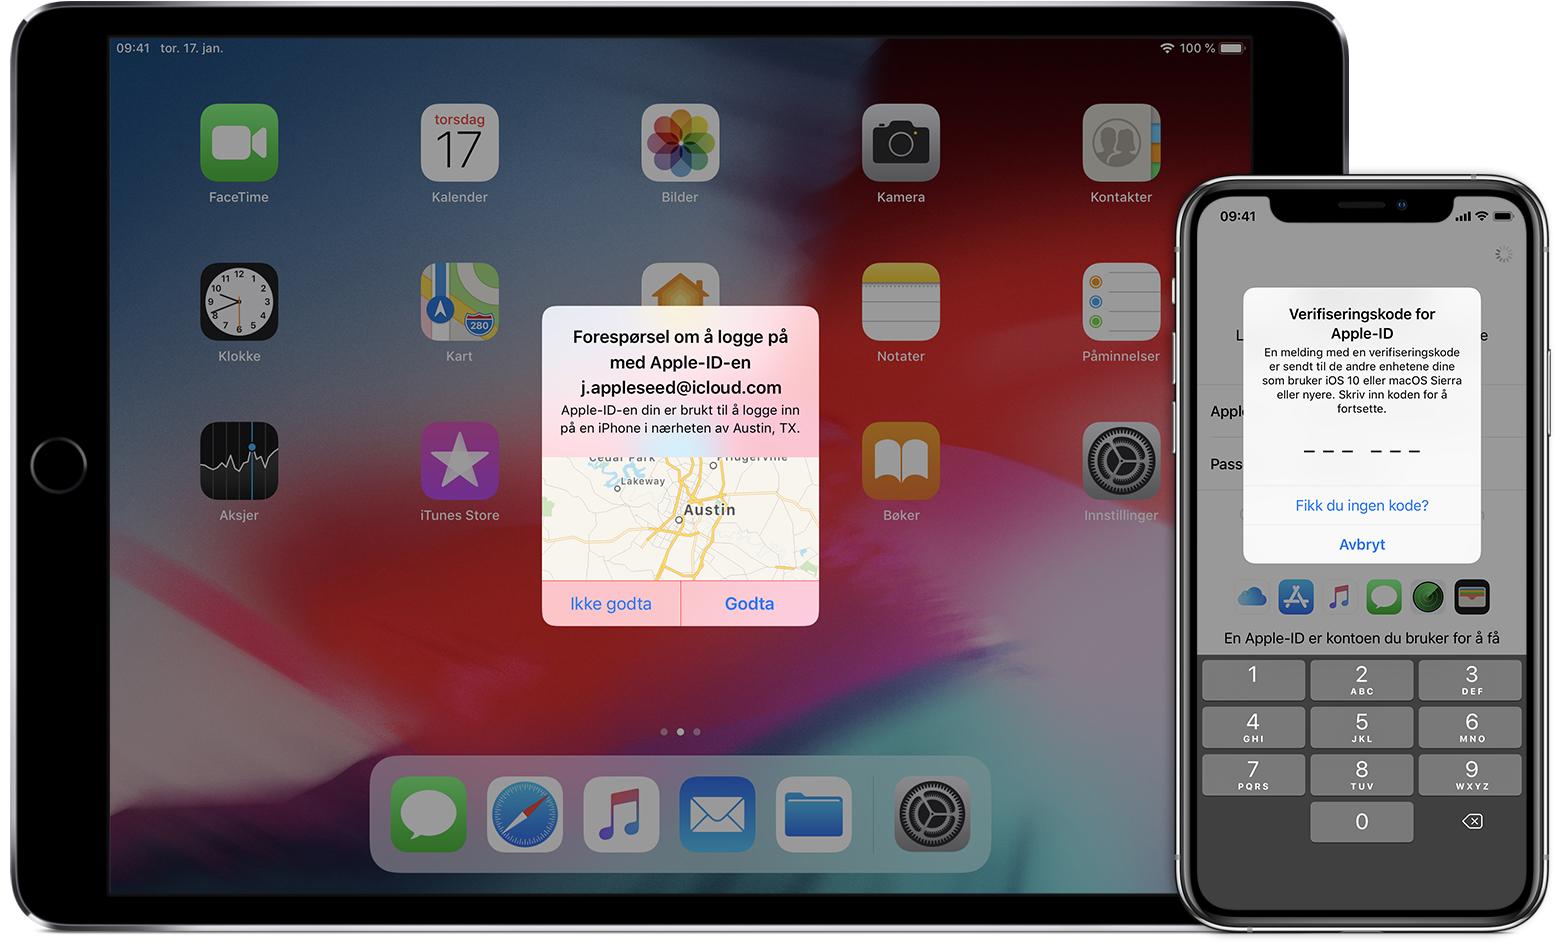 4433a782 Tofaktorautentisering for Apple-ID - Apple-kundestøtte